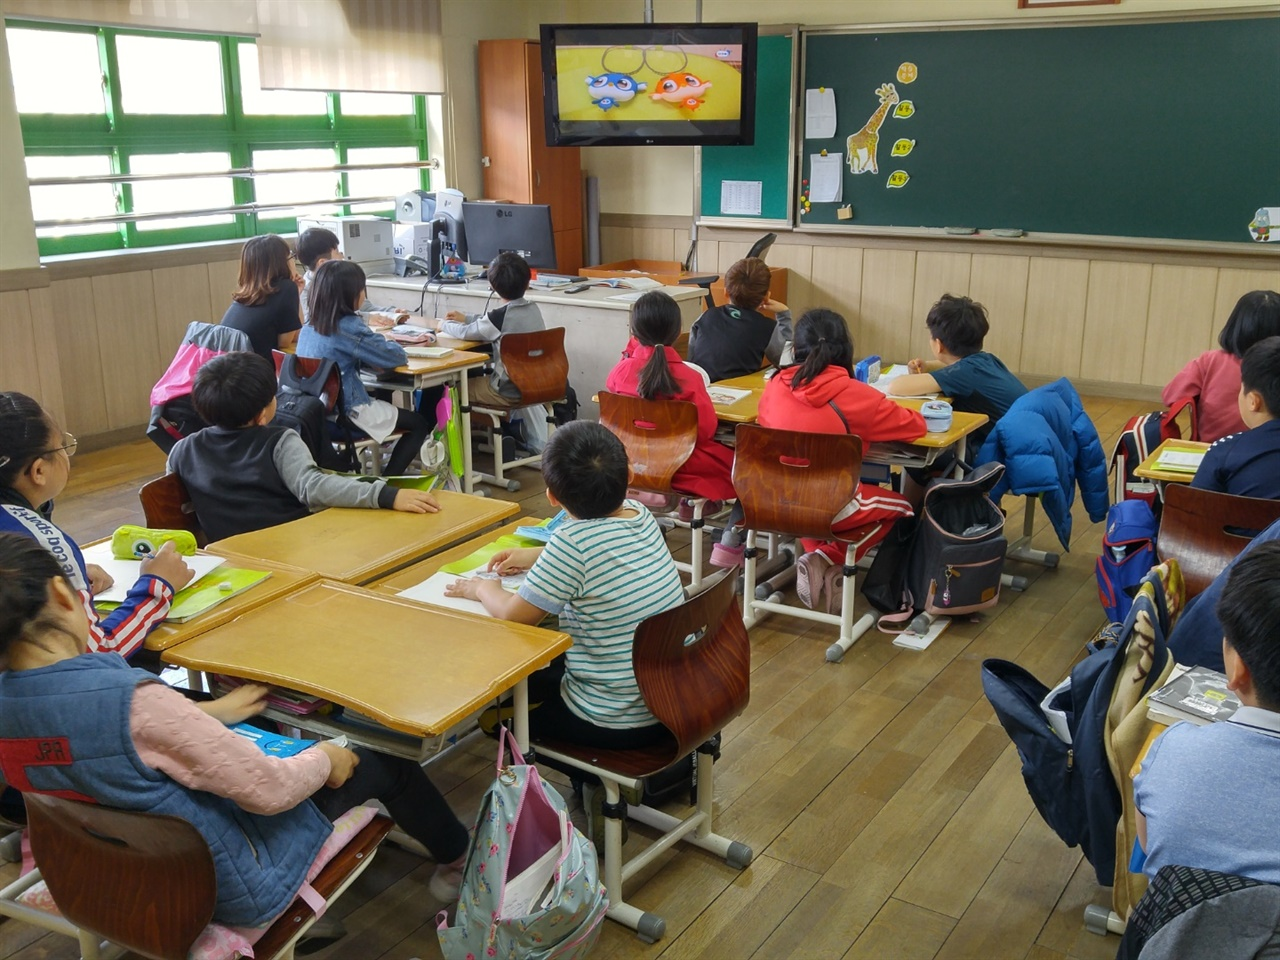 코로나19 발생 전 열 아홉 명이 지내던 교실